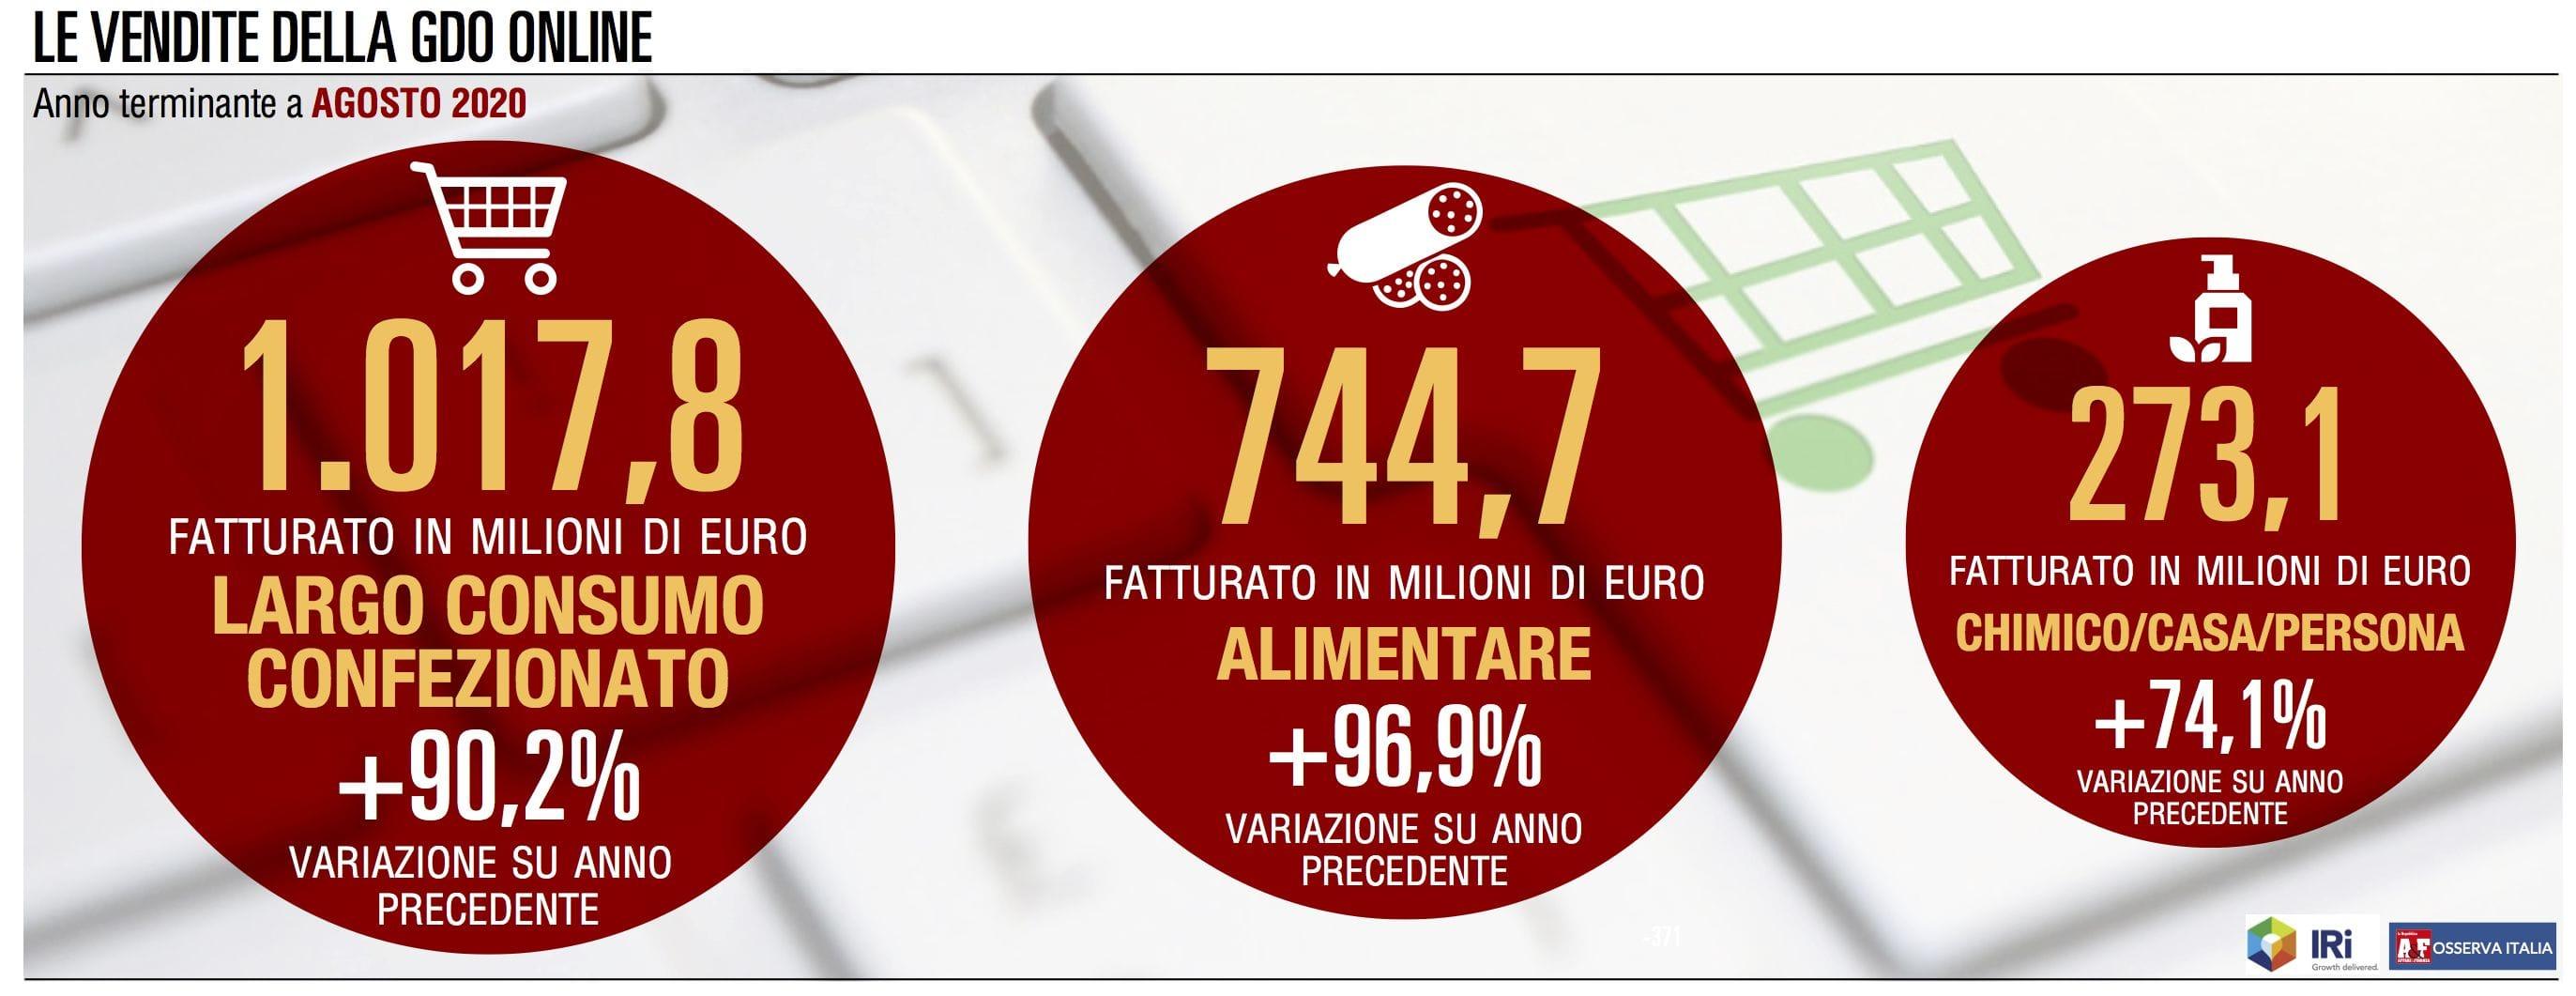 Le vendite online della Gdo sfondano quota un miliardo di euro